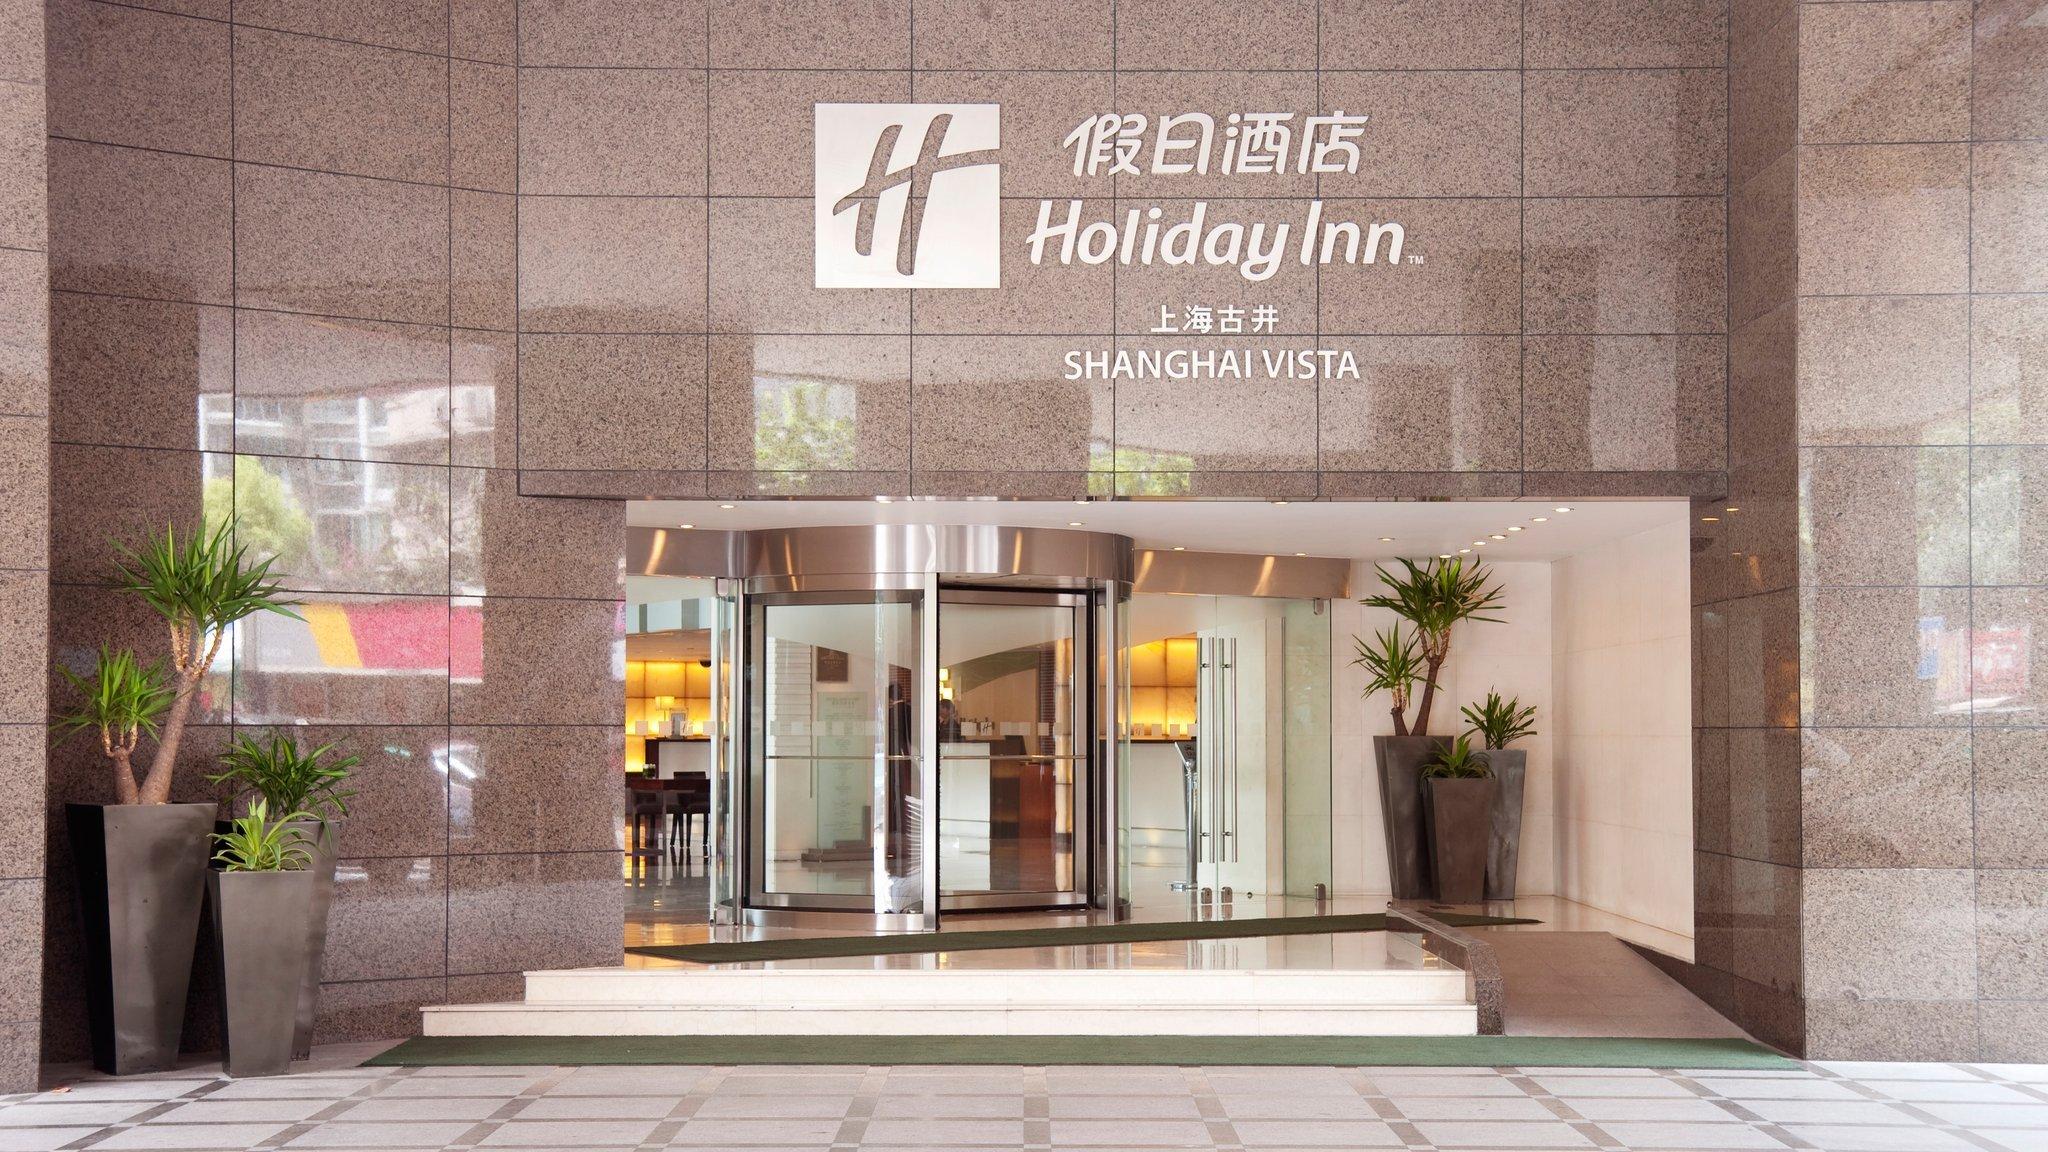 ホリデイ・イン ビスタ 上海(上海古井假日酒店)